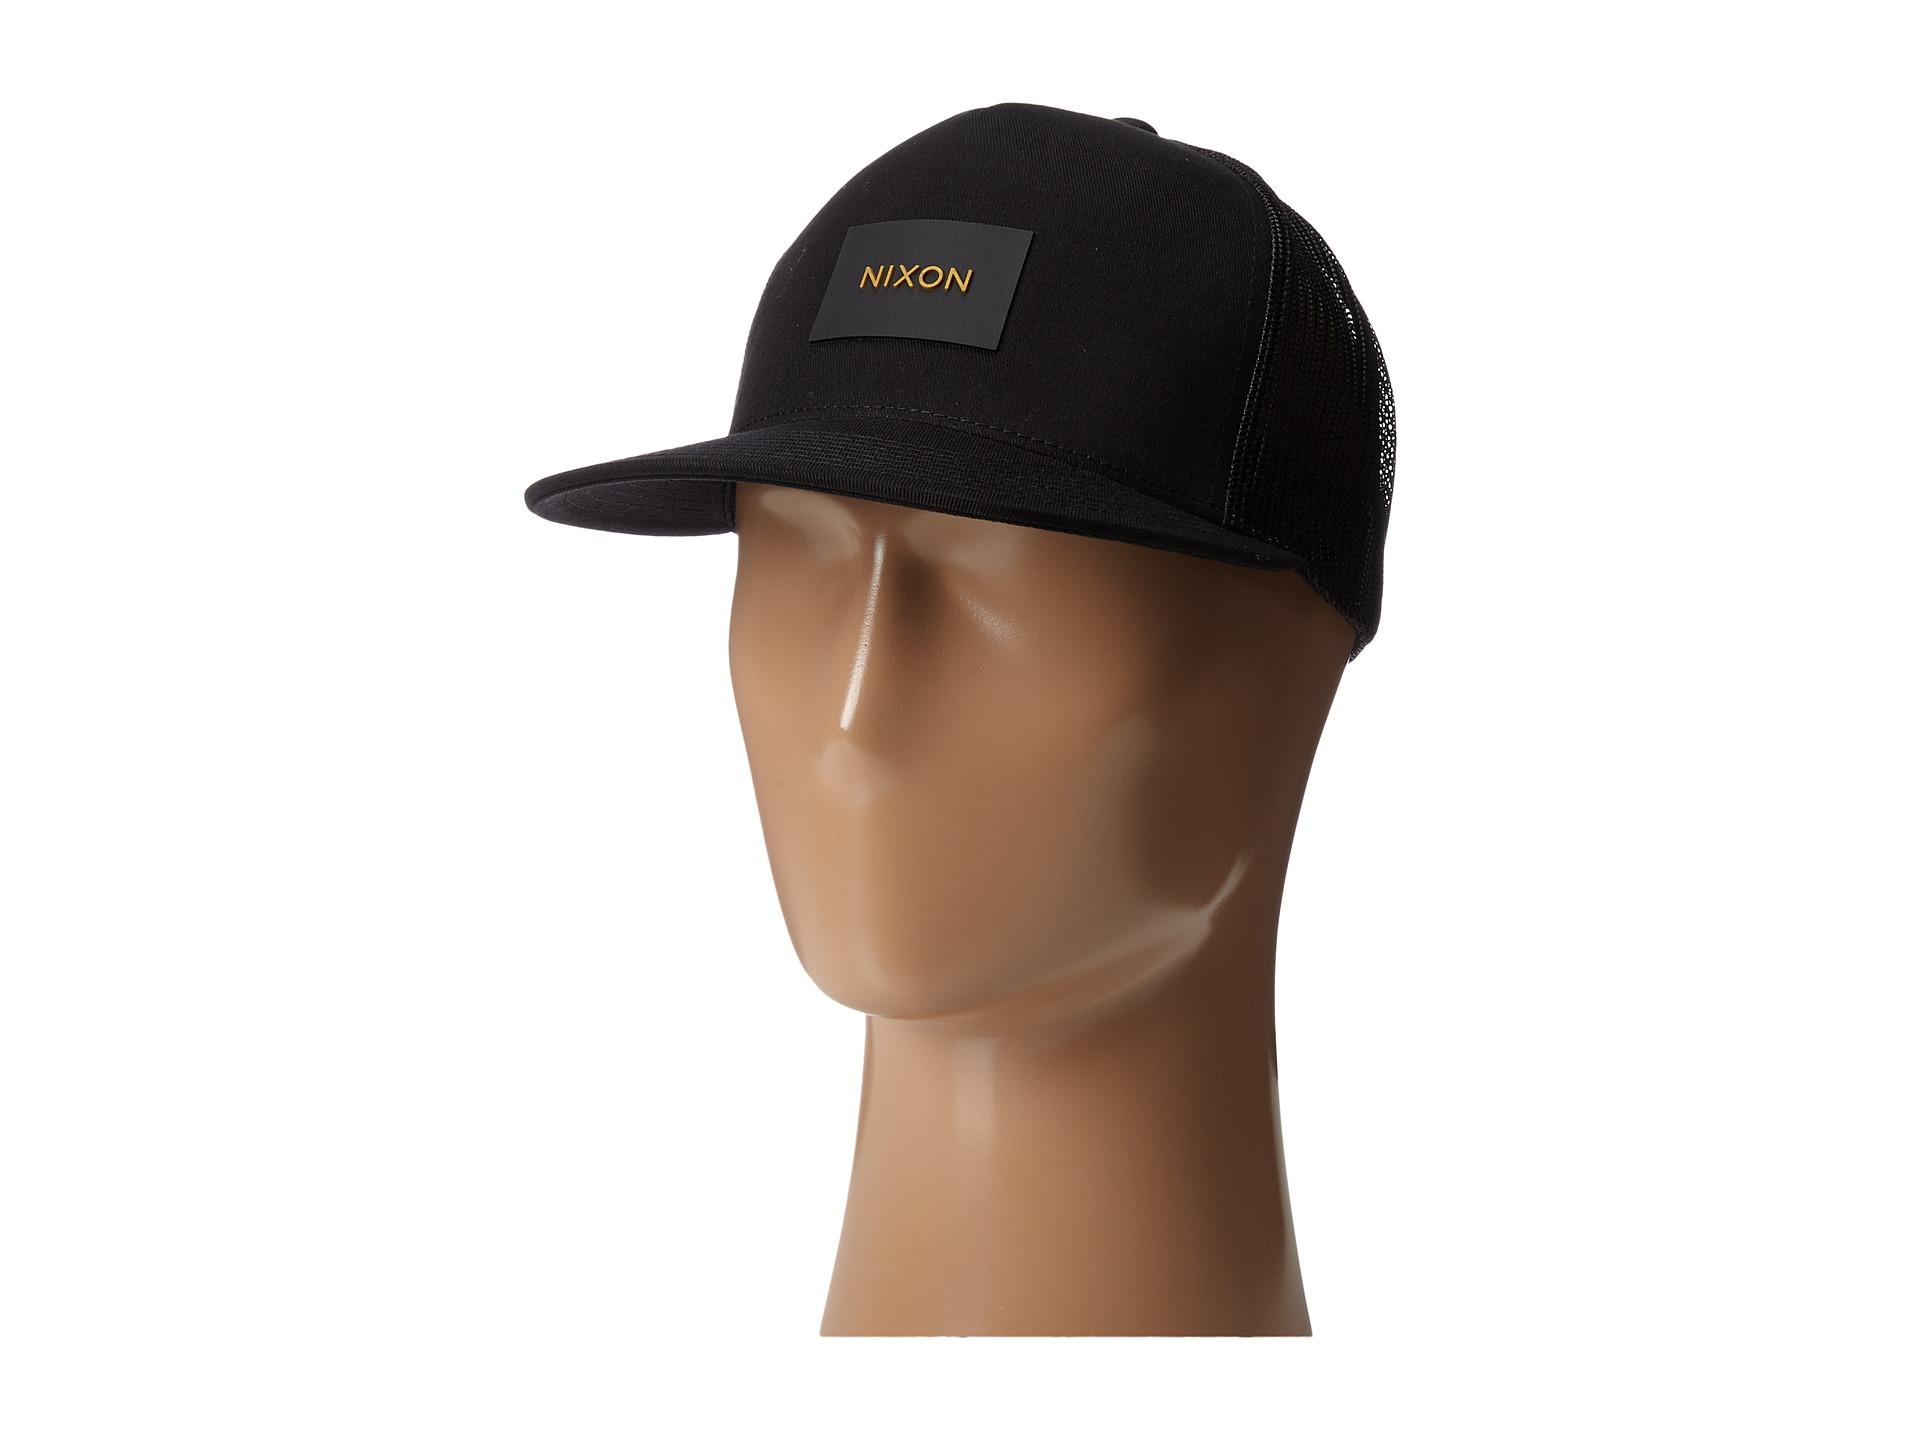 40d03c6c23a Lyst - Nixon Team Trucker Hat in Black